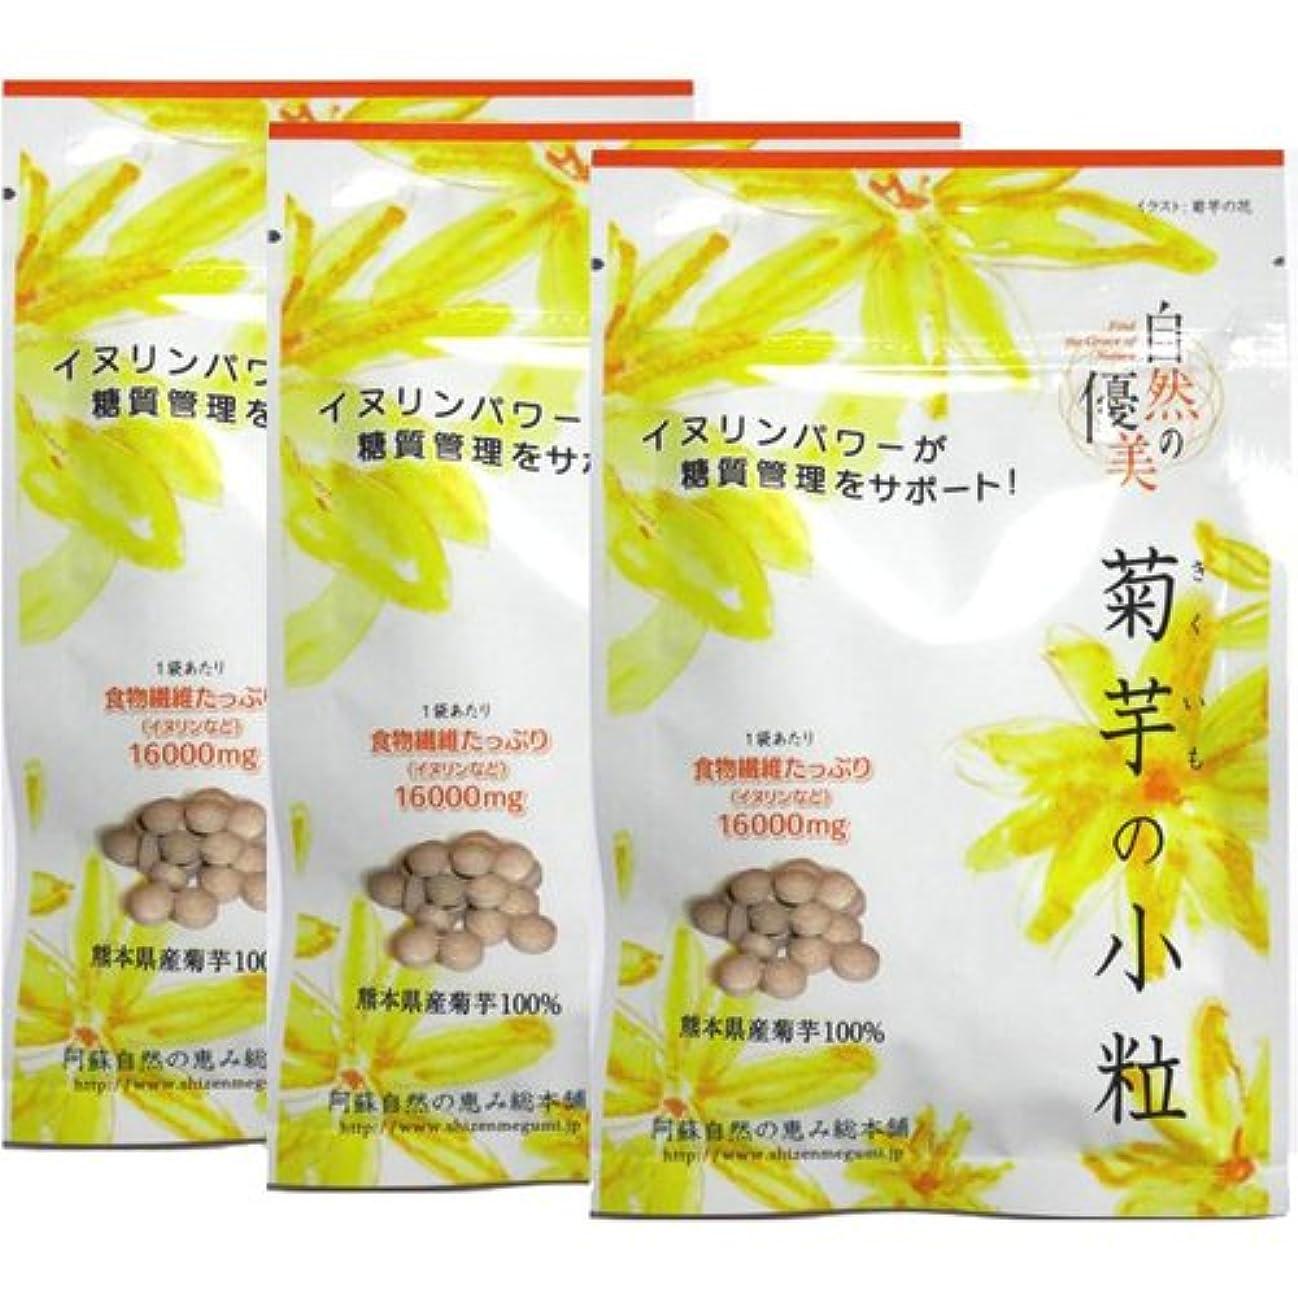 昆虫パドルラバ阿蘇自然の恵み総本舗 菊芋の小粒 100錠×3袋